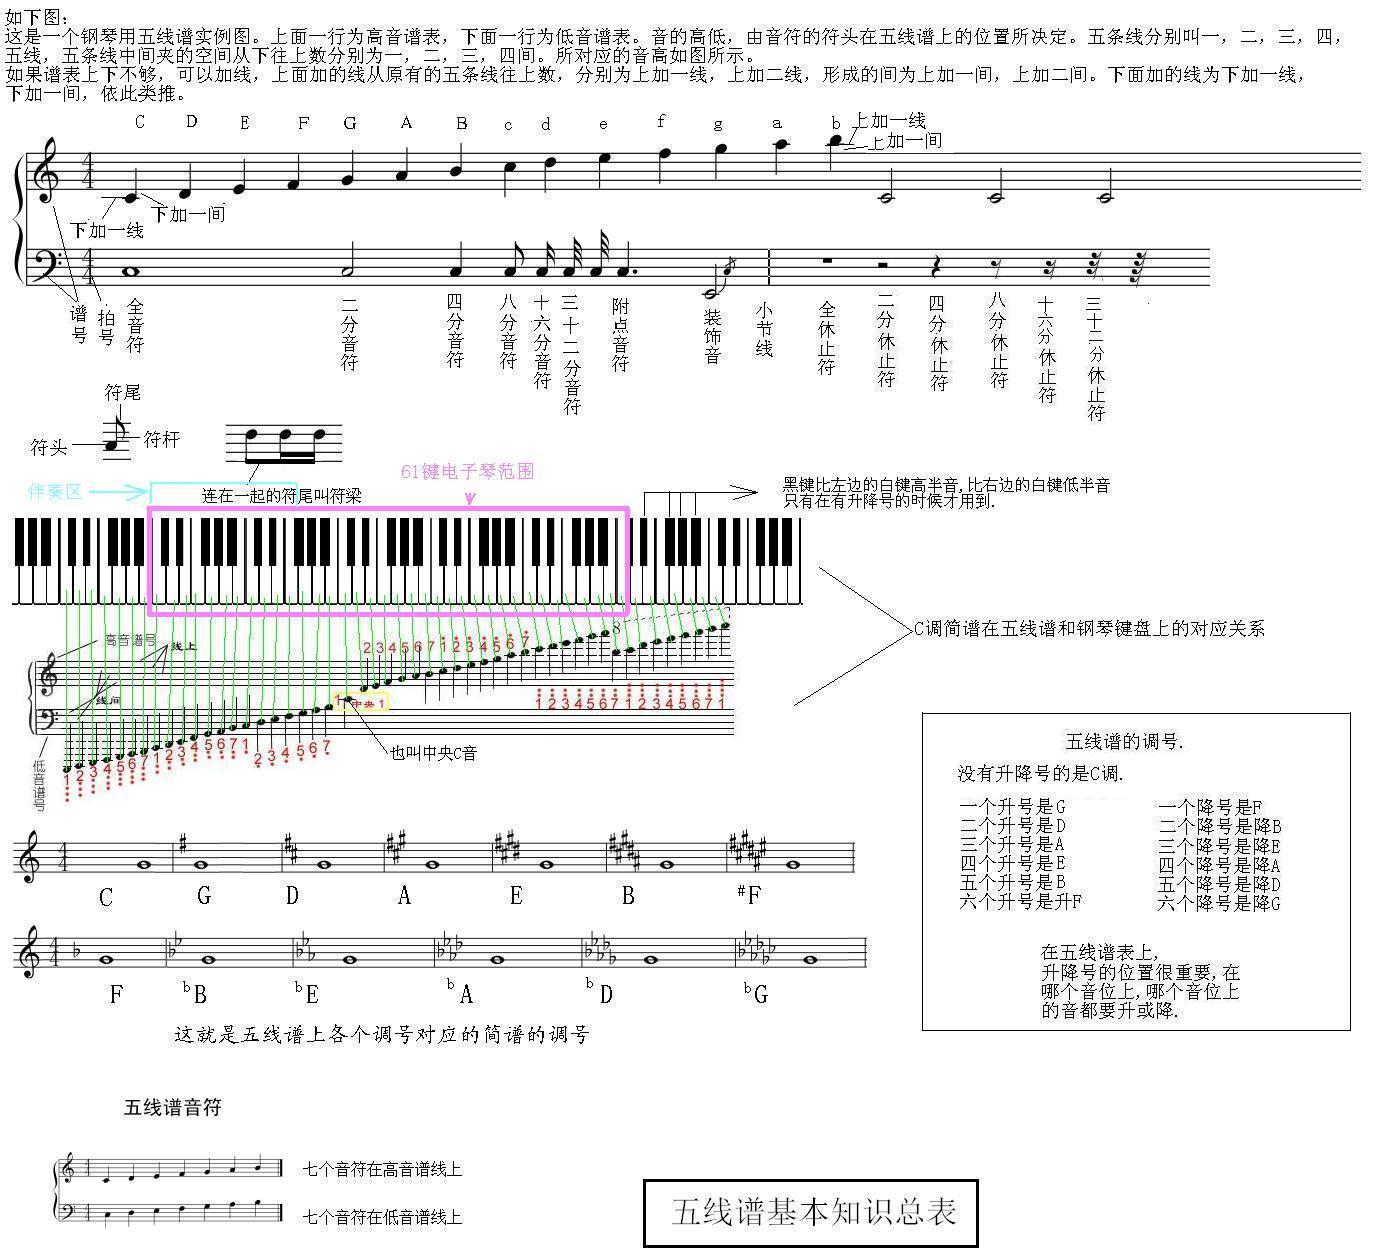 钢琴的五线谱怎么看啊?包括简谱上面怎么看黑键?图片